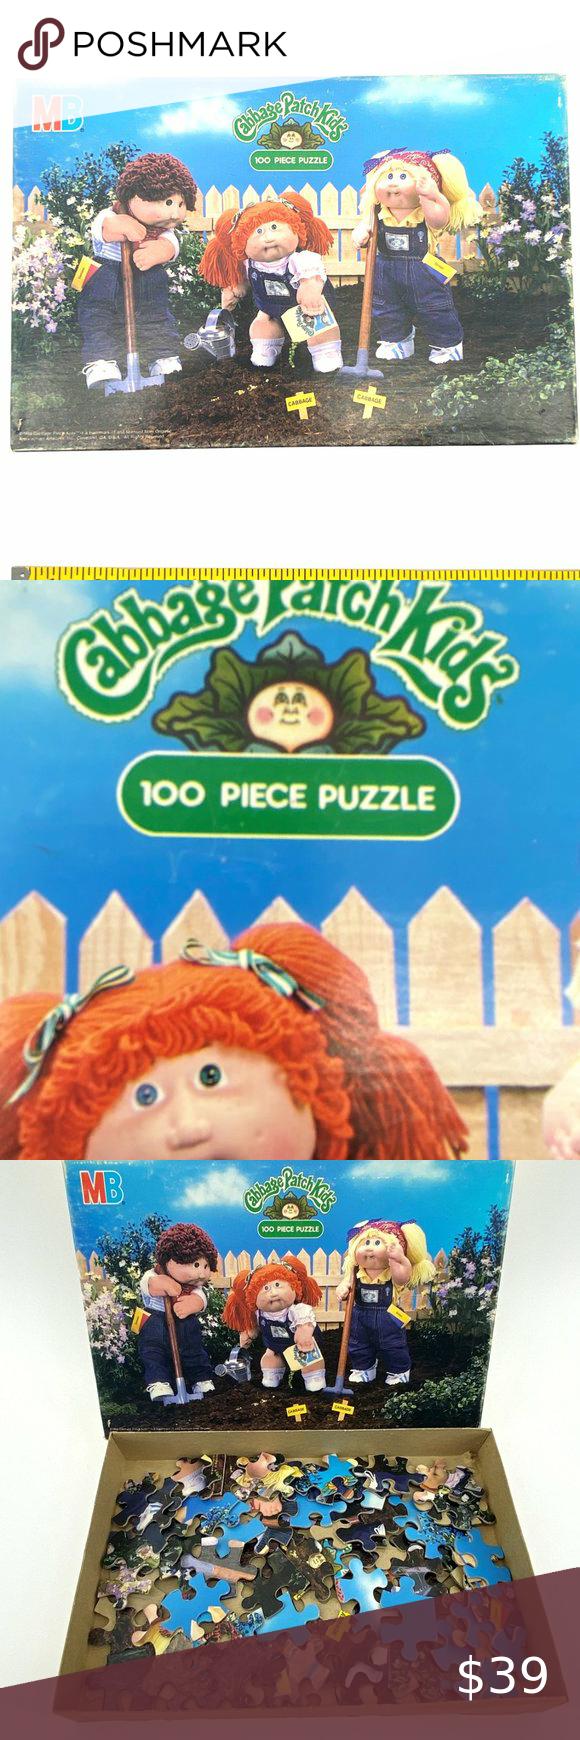 1984 Milton Bradley Cabbage Patch Kids Puzzle Vintage 1984 Cabbage Patch Kids Come Let S Garden100 Piece Puzzle Mb Puzzle Games Puzzles In 2020